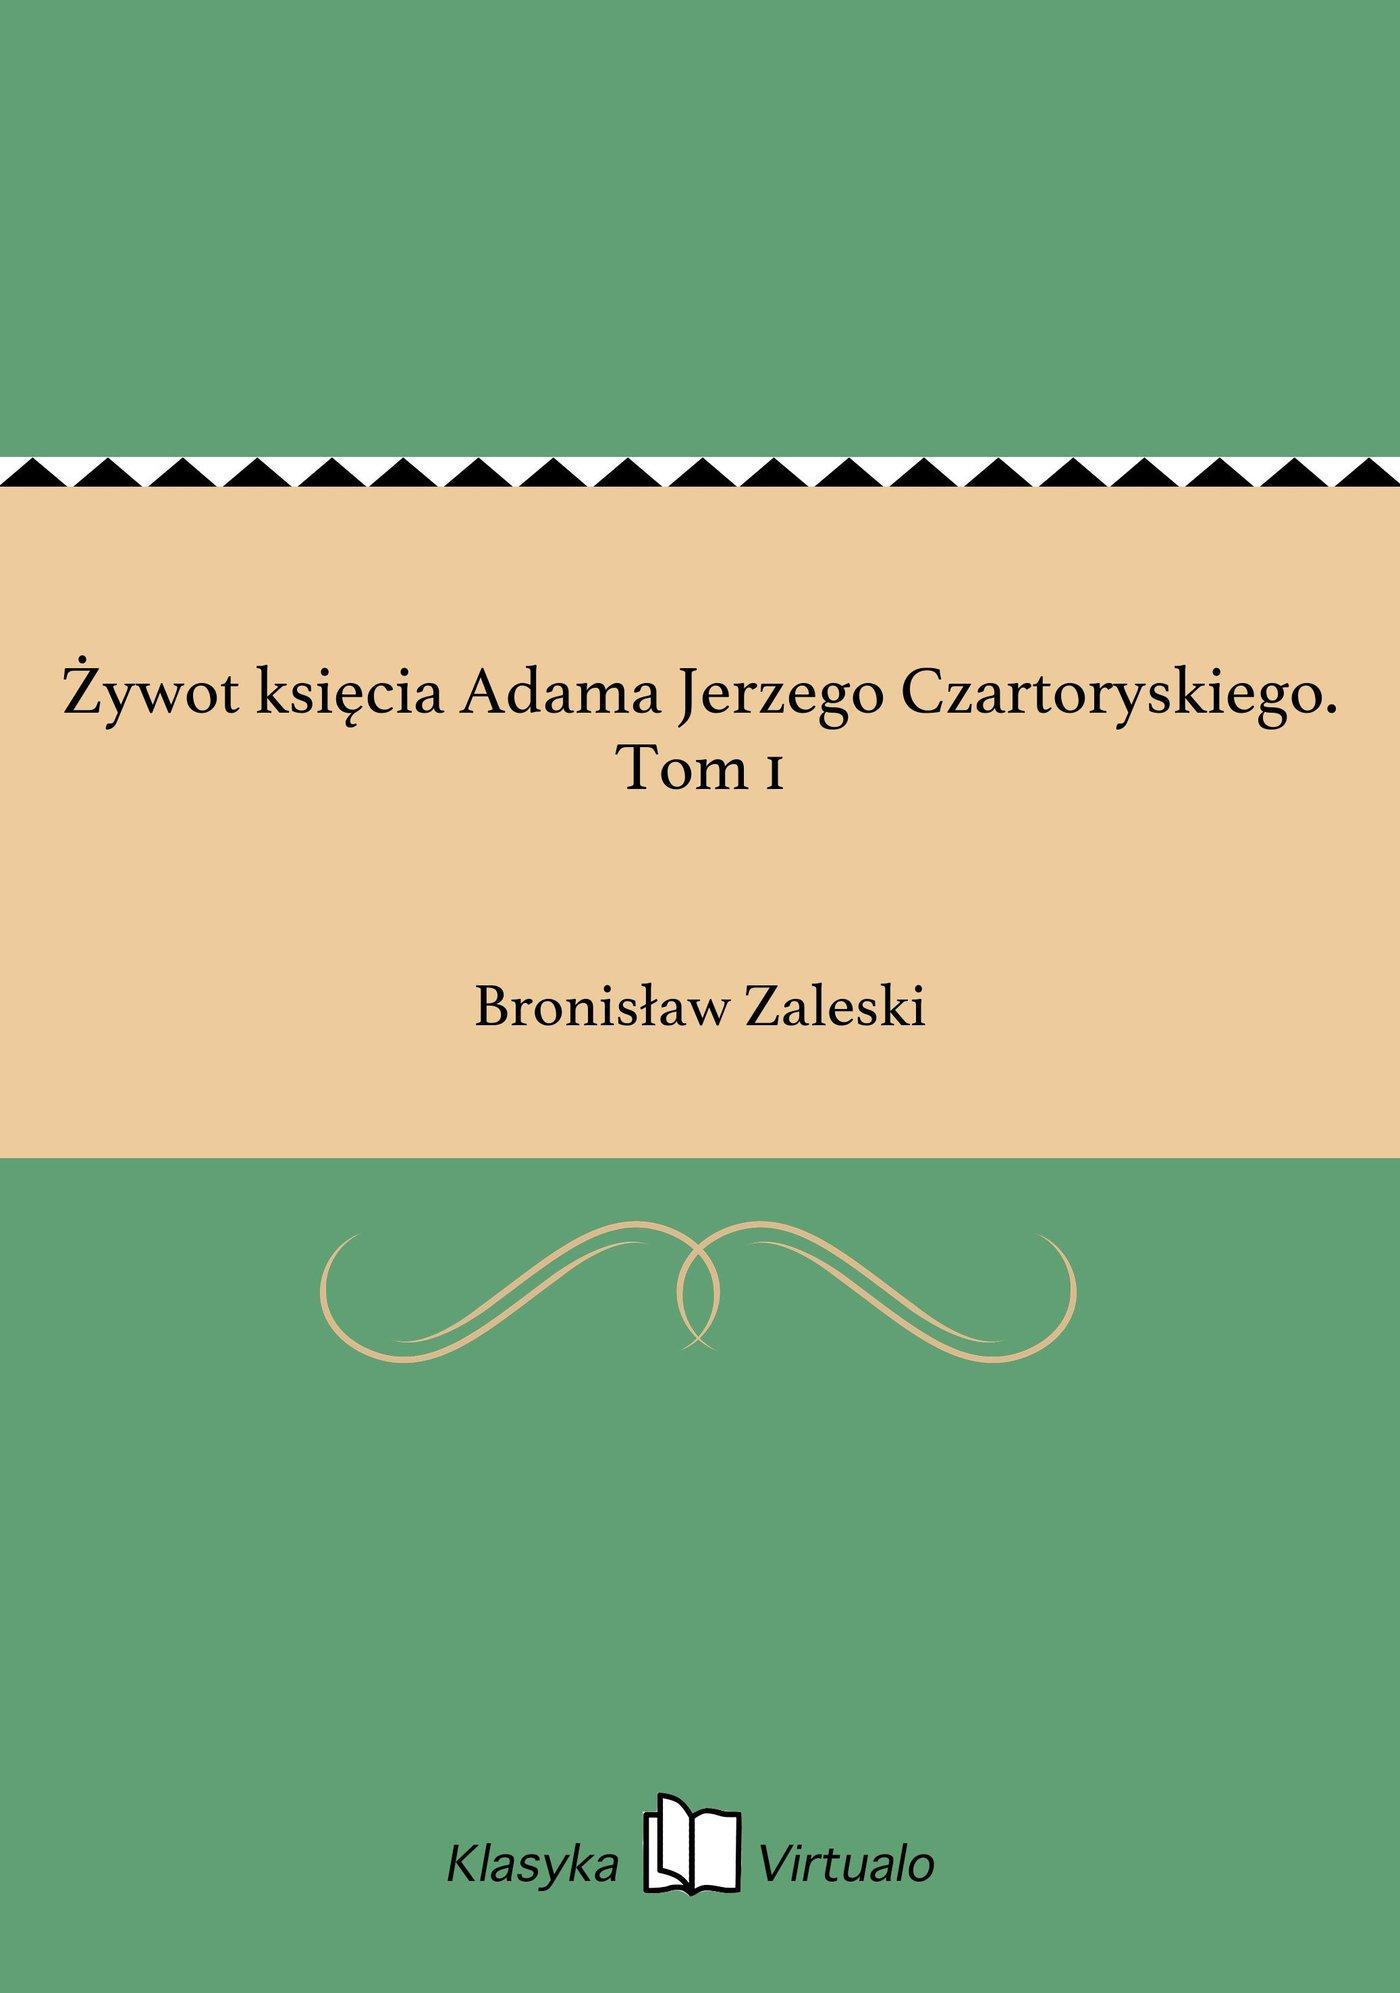 Żywot księcia Adama Jerzego Czartoryskiego. Tom 1 - Ebook (Książka EPUB) do pobrania w formacie EPUB